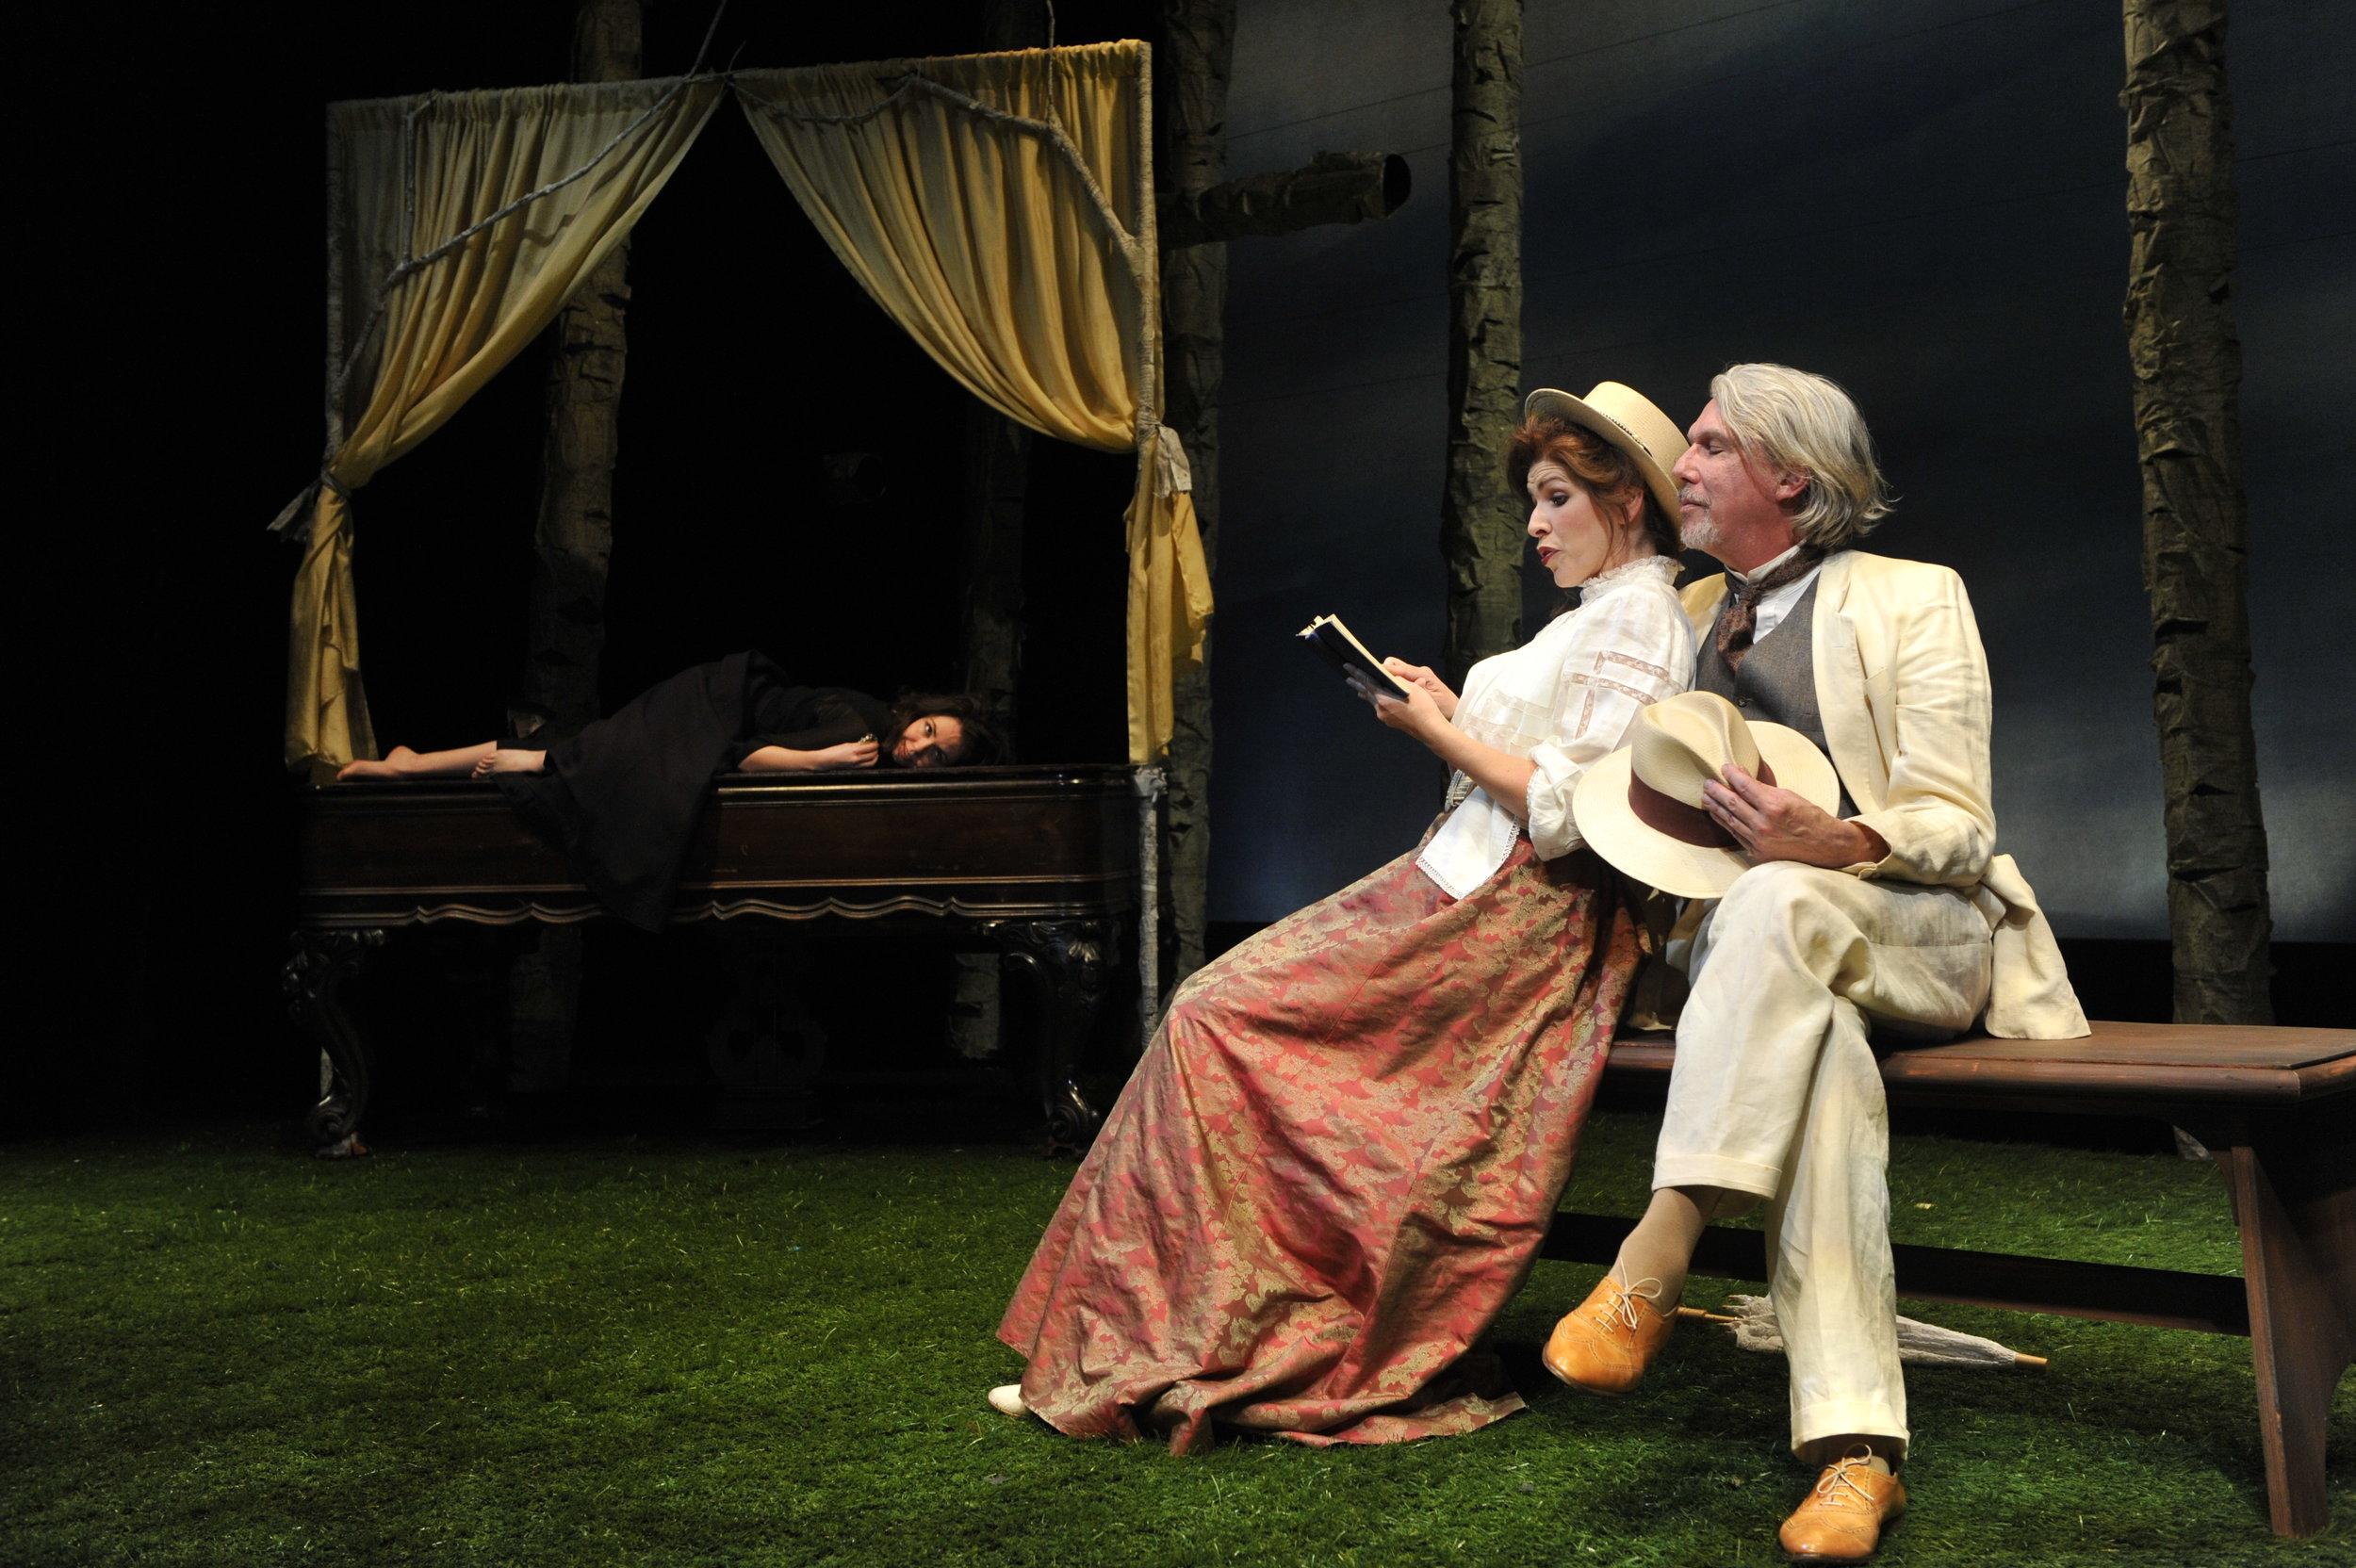 Marin Theatre, SEAGULL, 2011 Photo Credit: David Allen